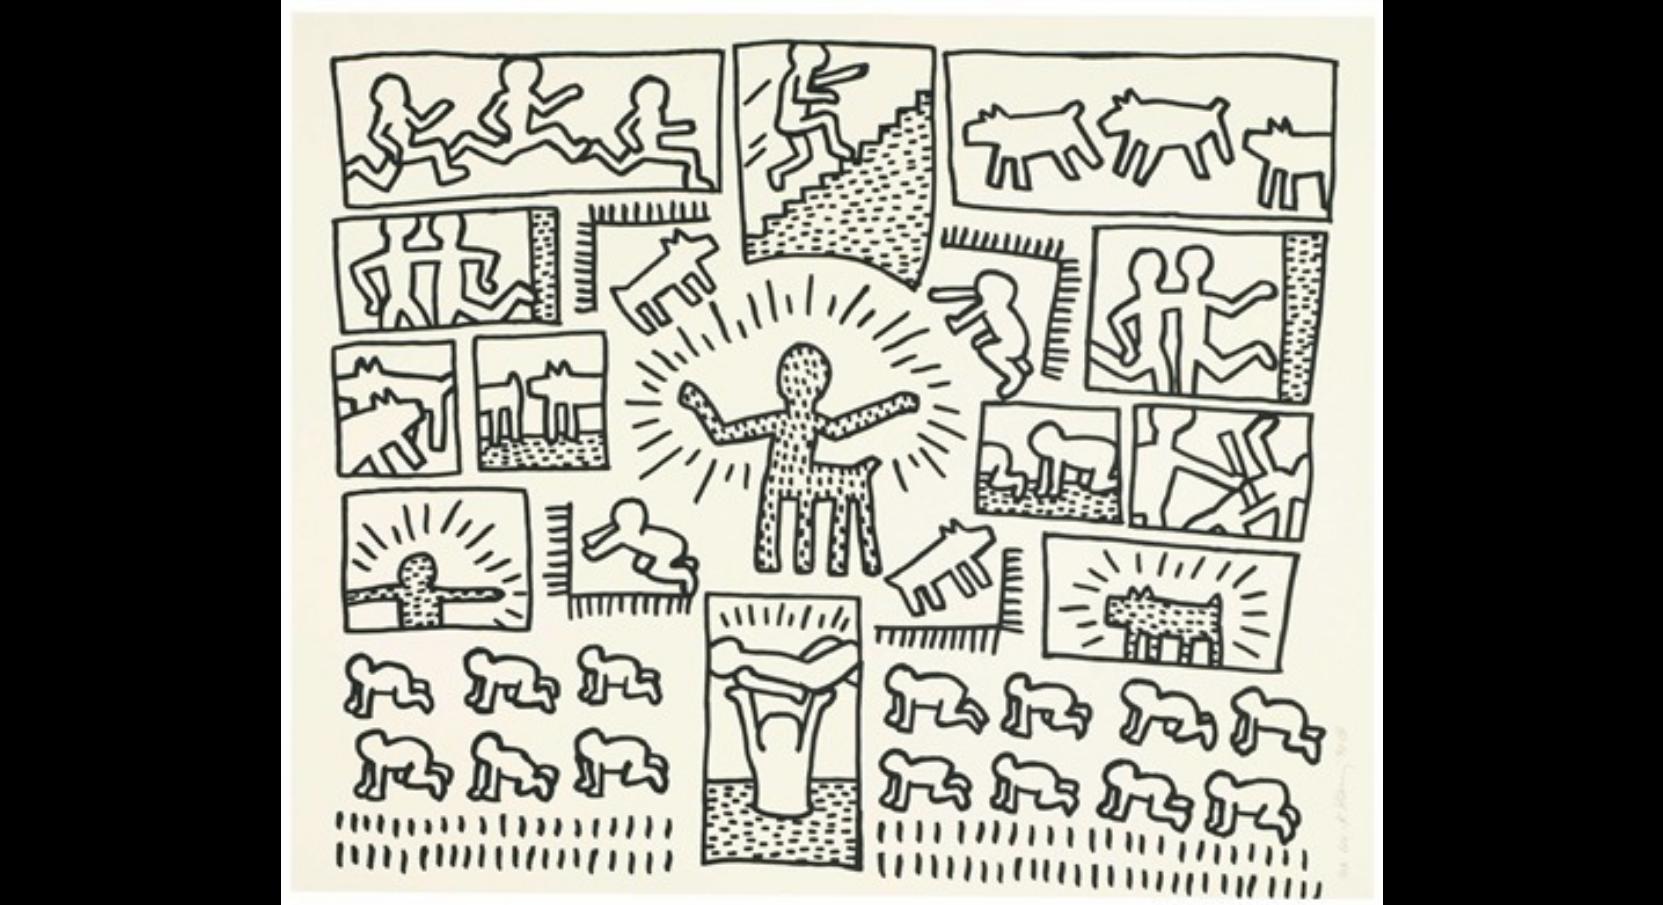 keith-haris-desenho-nova-york-anos-80-aids-dionisio-arte (6)